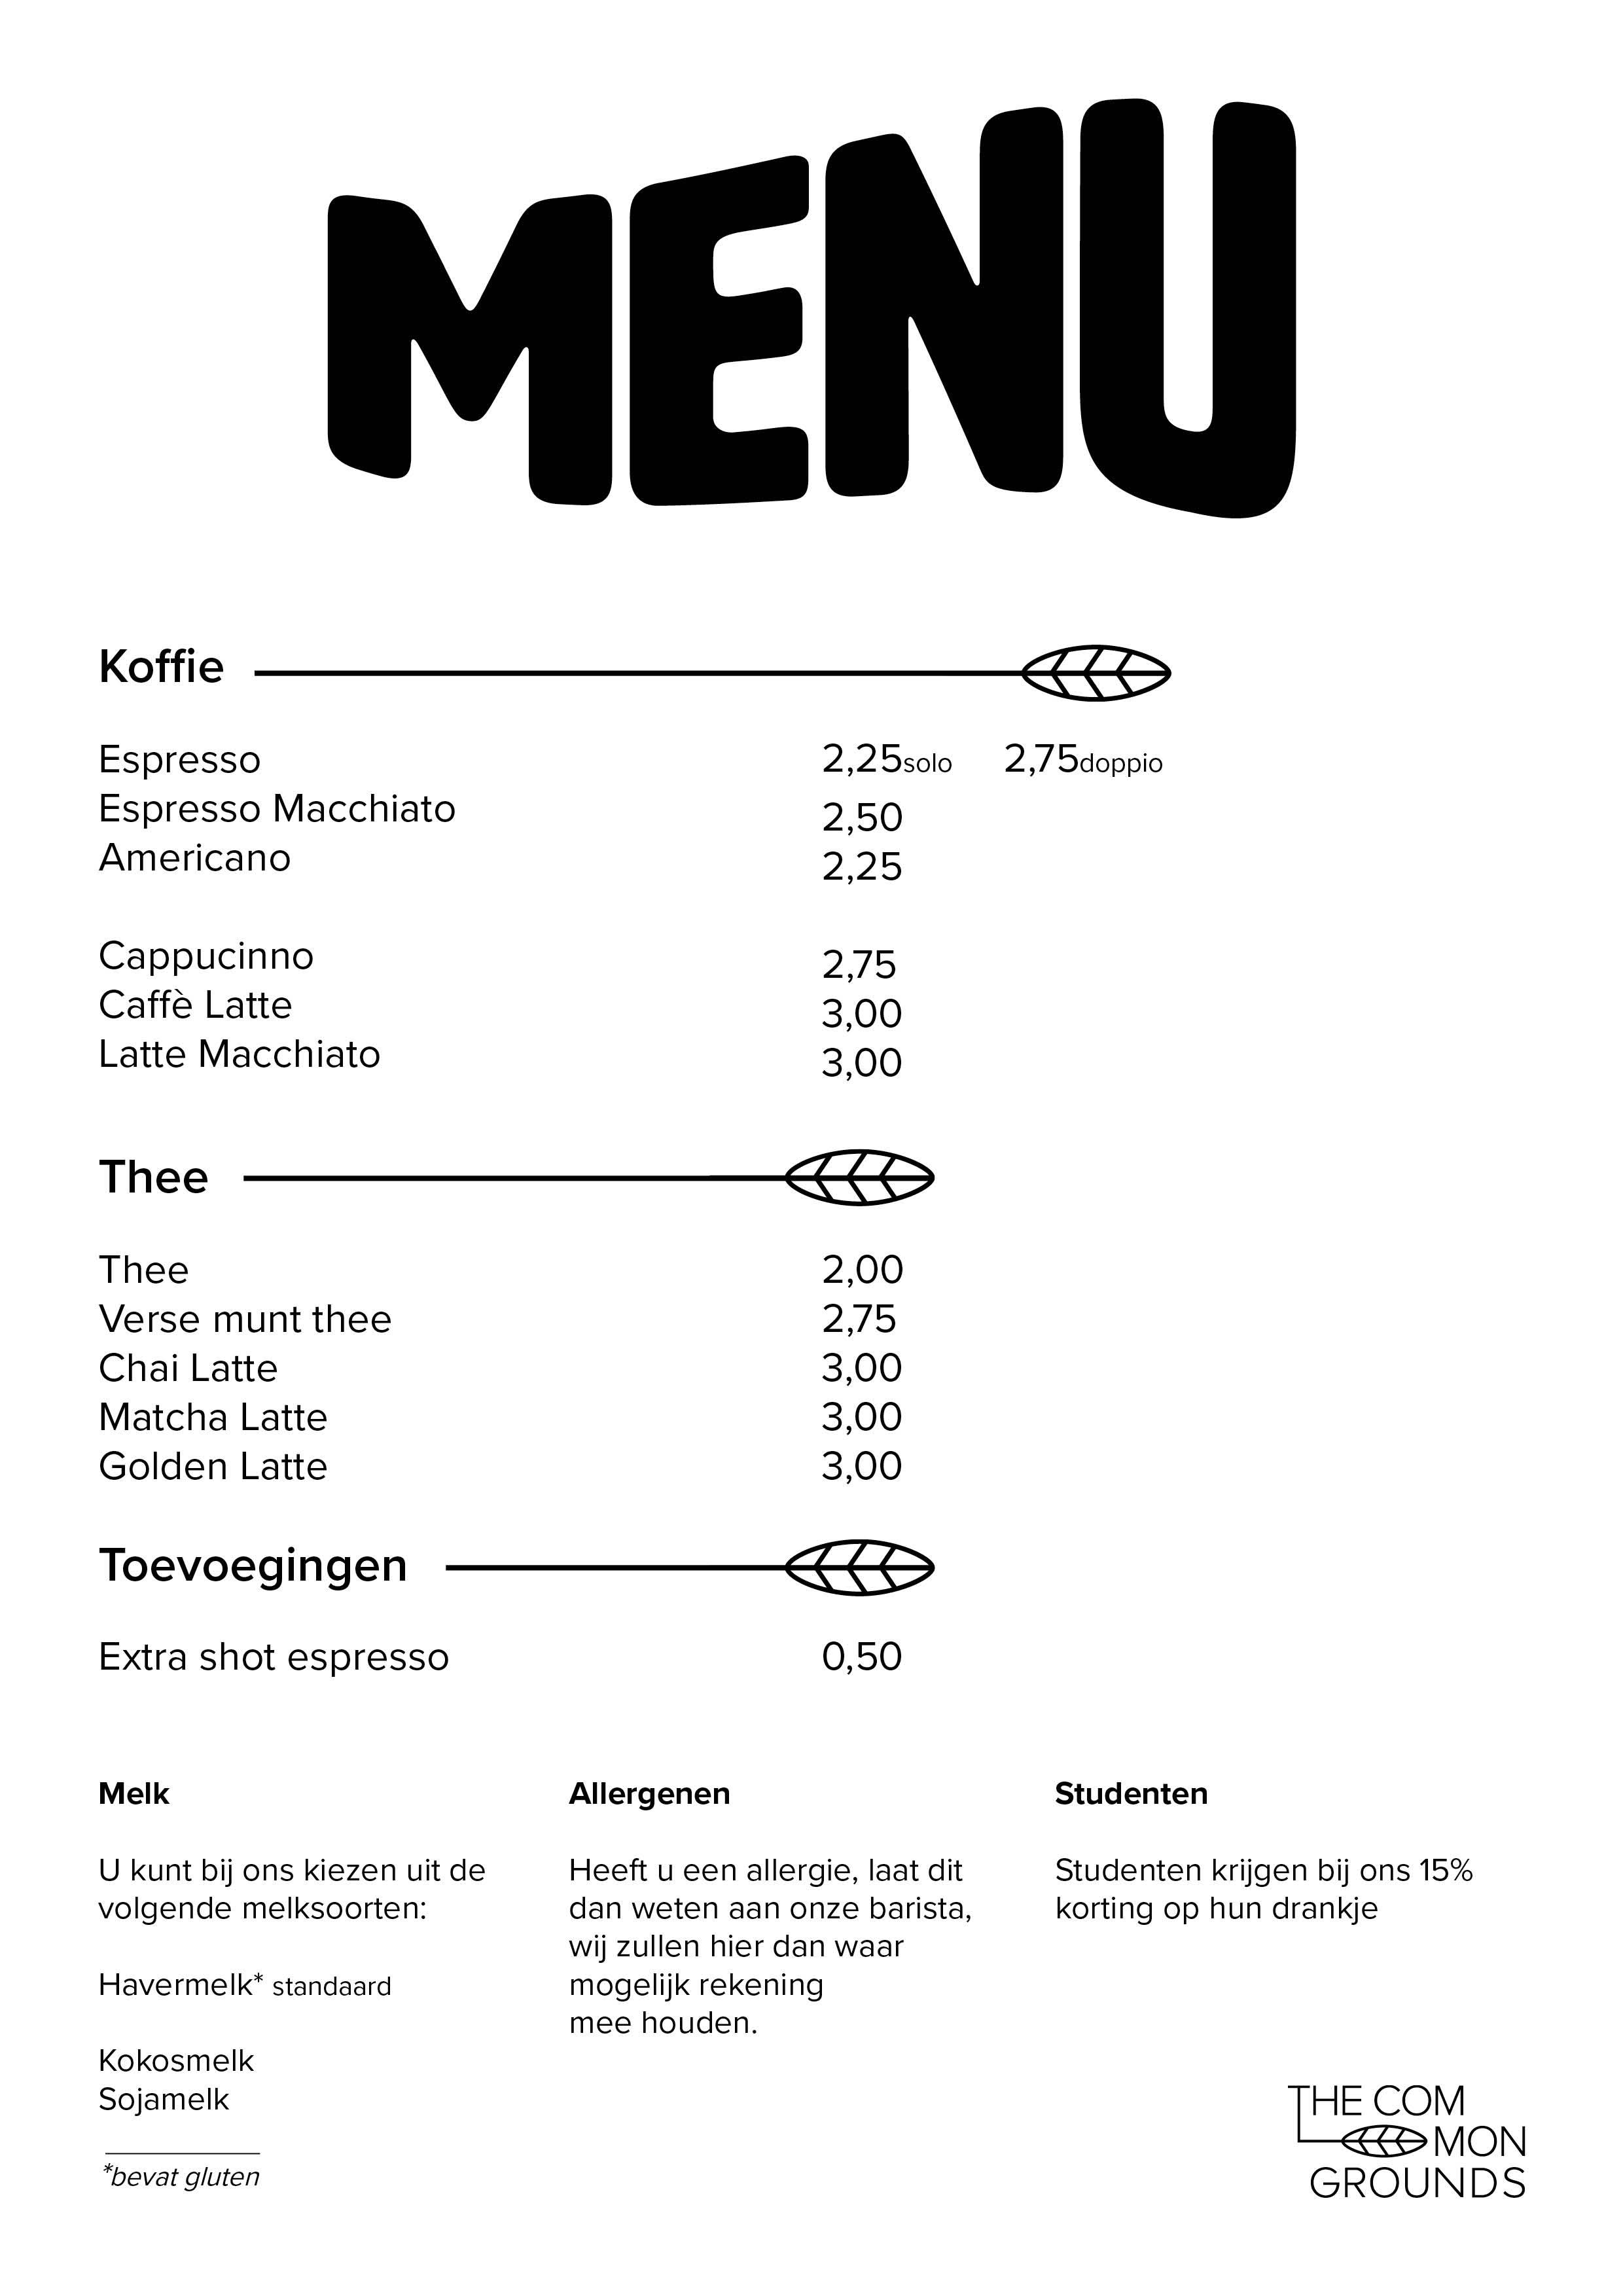 commongrounds menu bieb v3.jpg